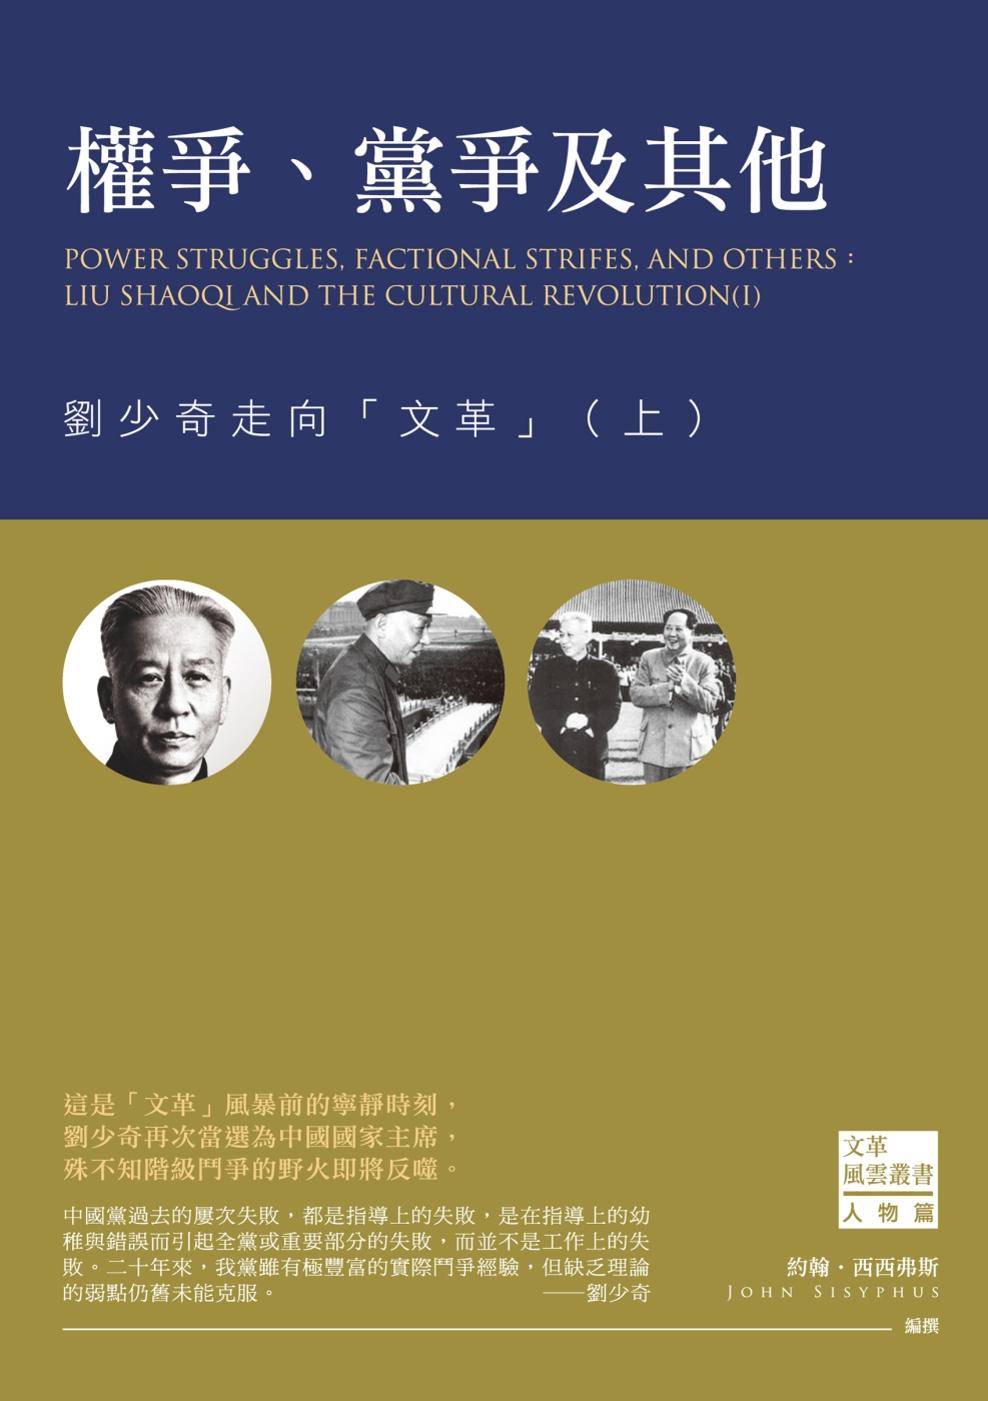 權爭、黨爭及其他:劉少奇走向「文革」(上)